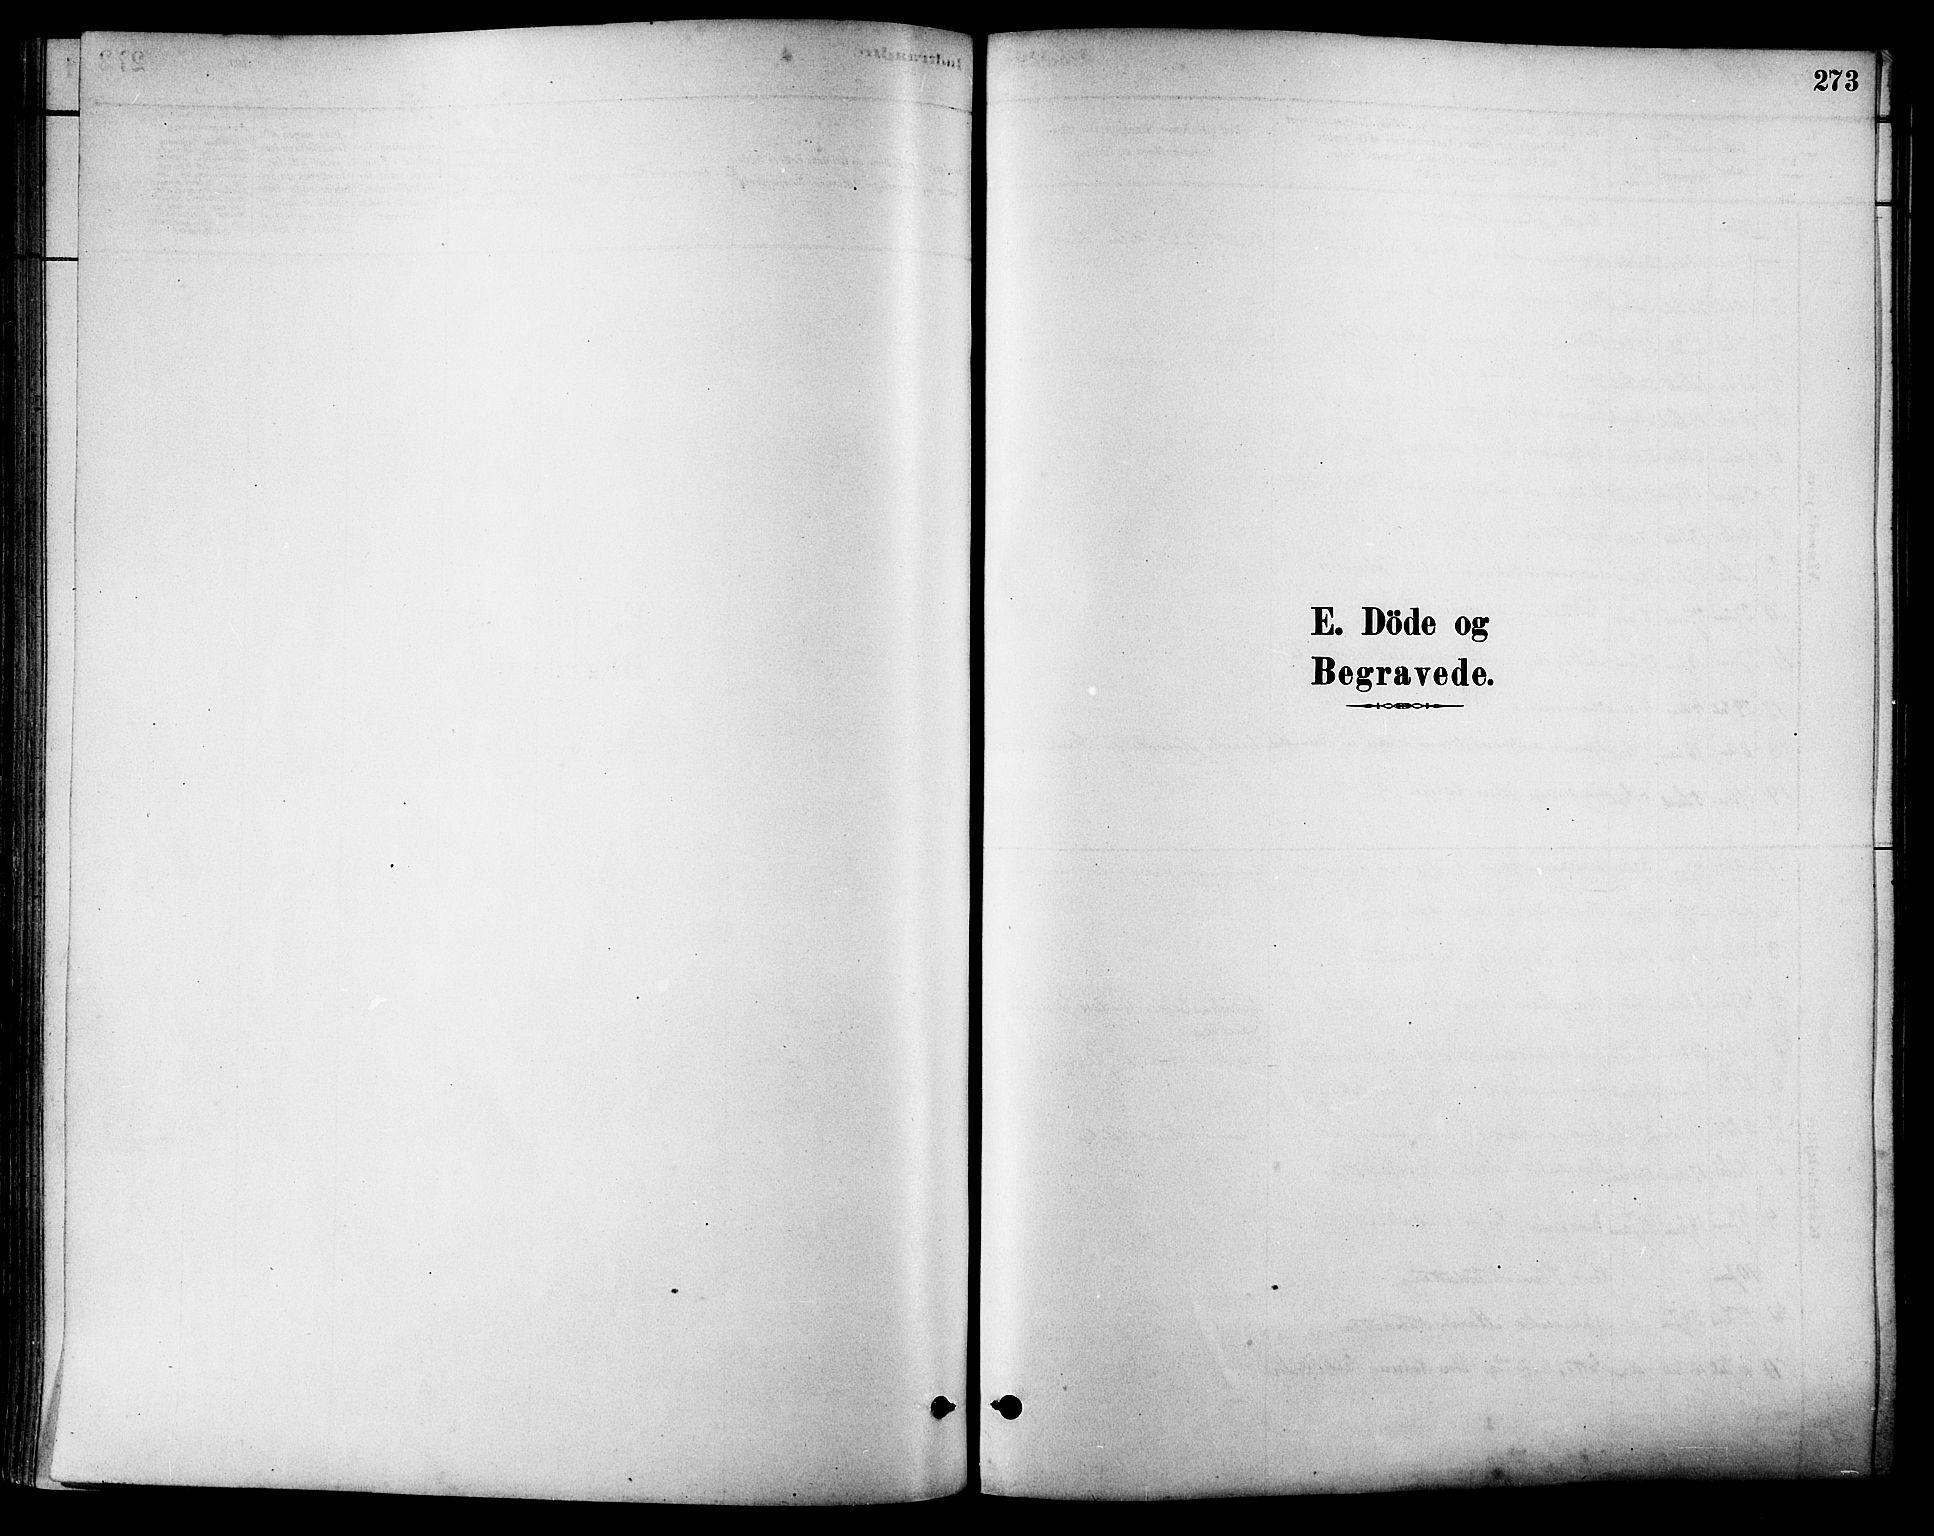 SAT, Ministerialprotokoller, klokkerbøker og fødselsregistre - Sør-Trøndelag, 630/L0496: Ministerialbok nr. 630A09, 1879-1895, s. 273